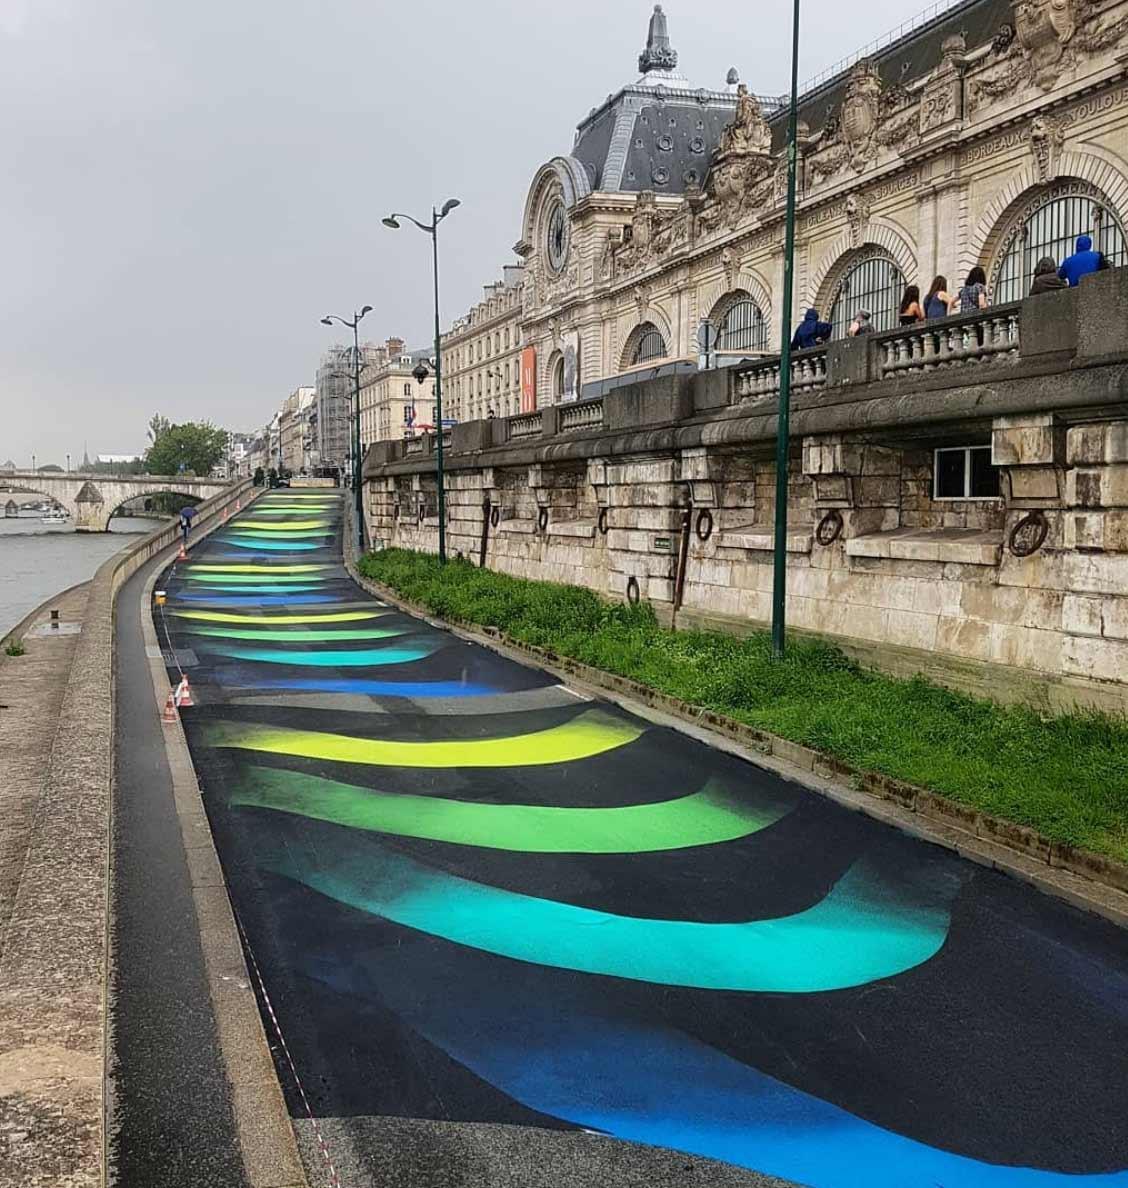 18.000 Quadratmeter großes 3D-Loch im Boden Stream-street-art-1010_04